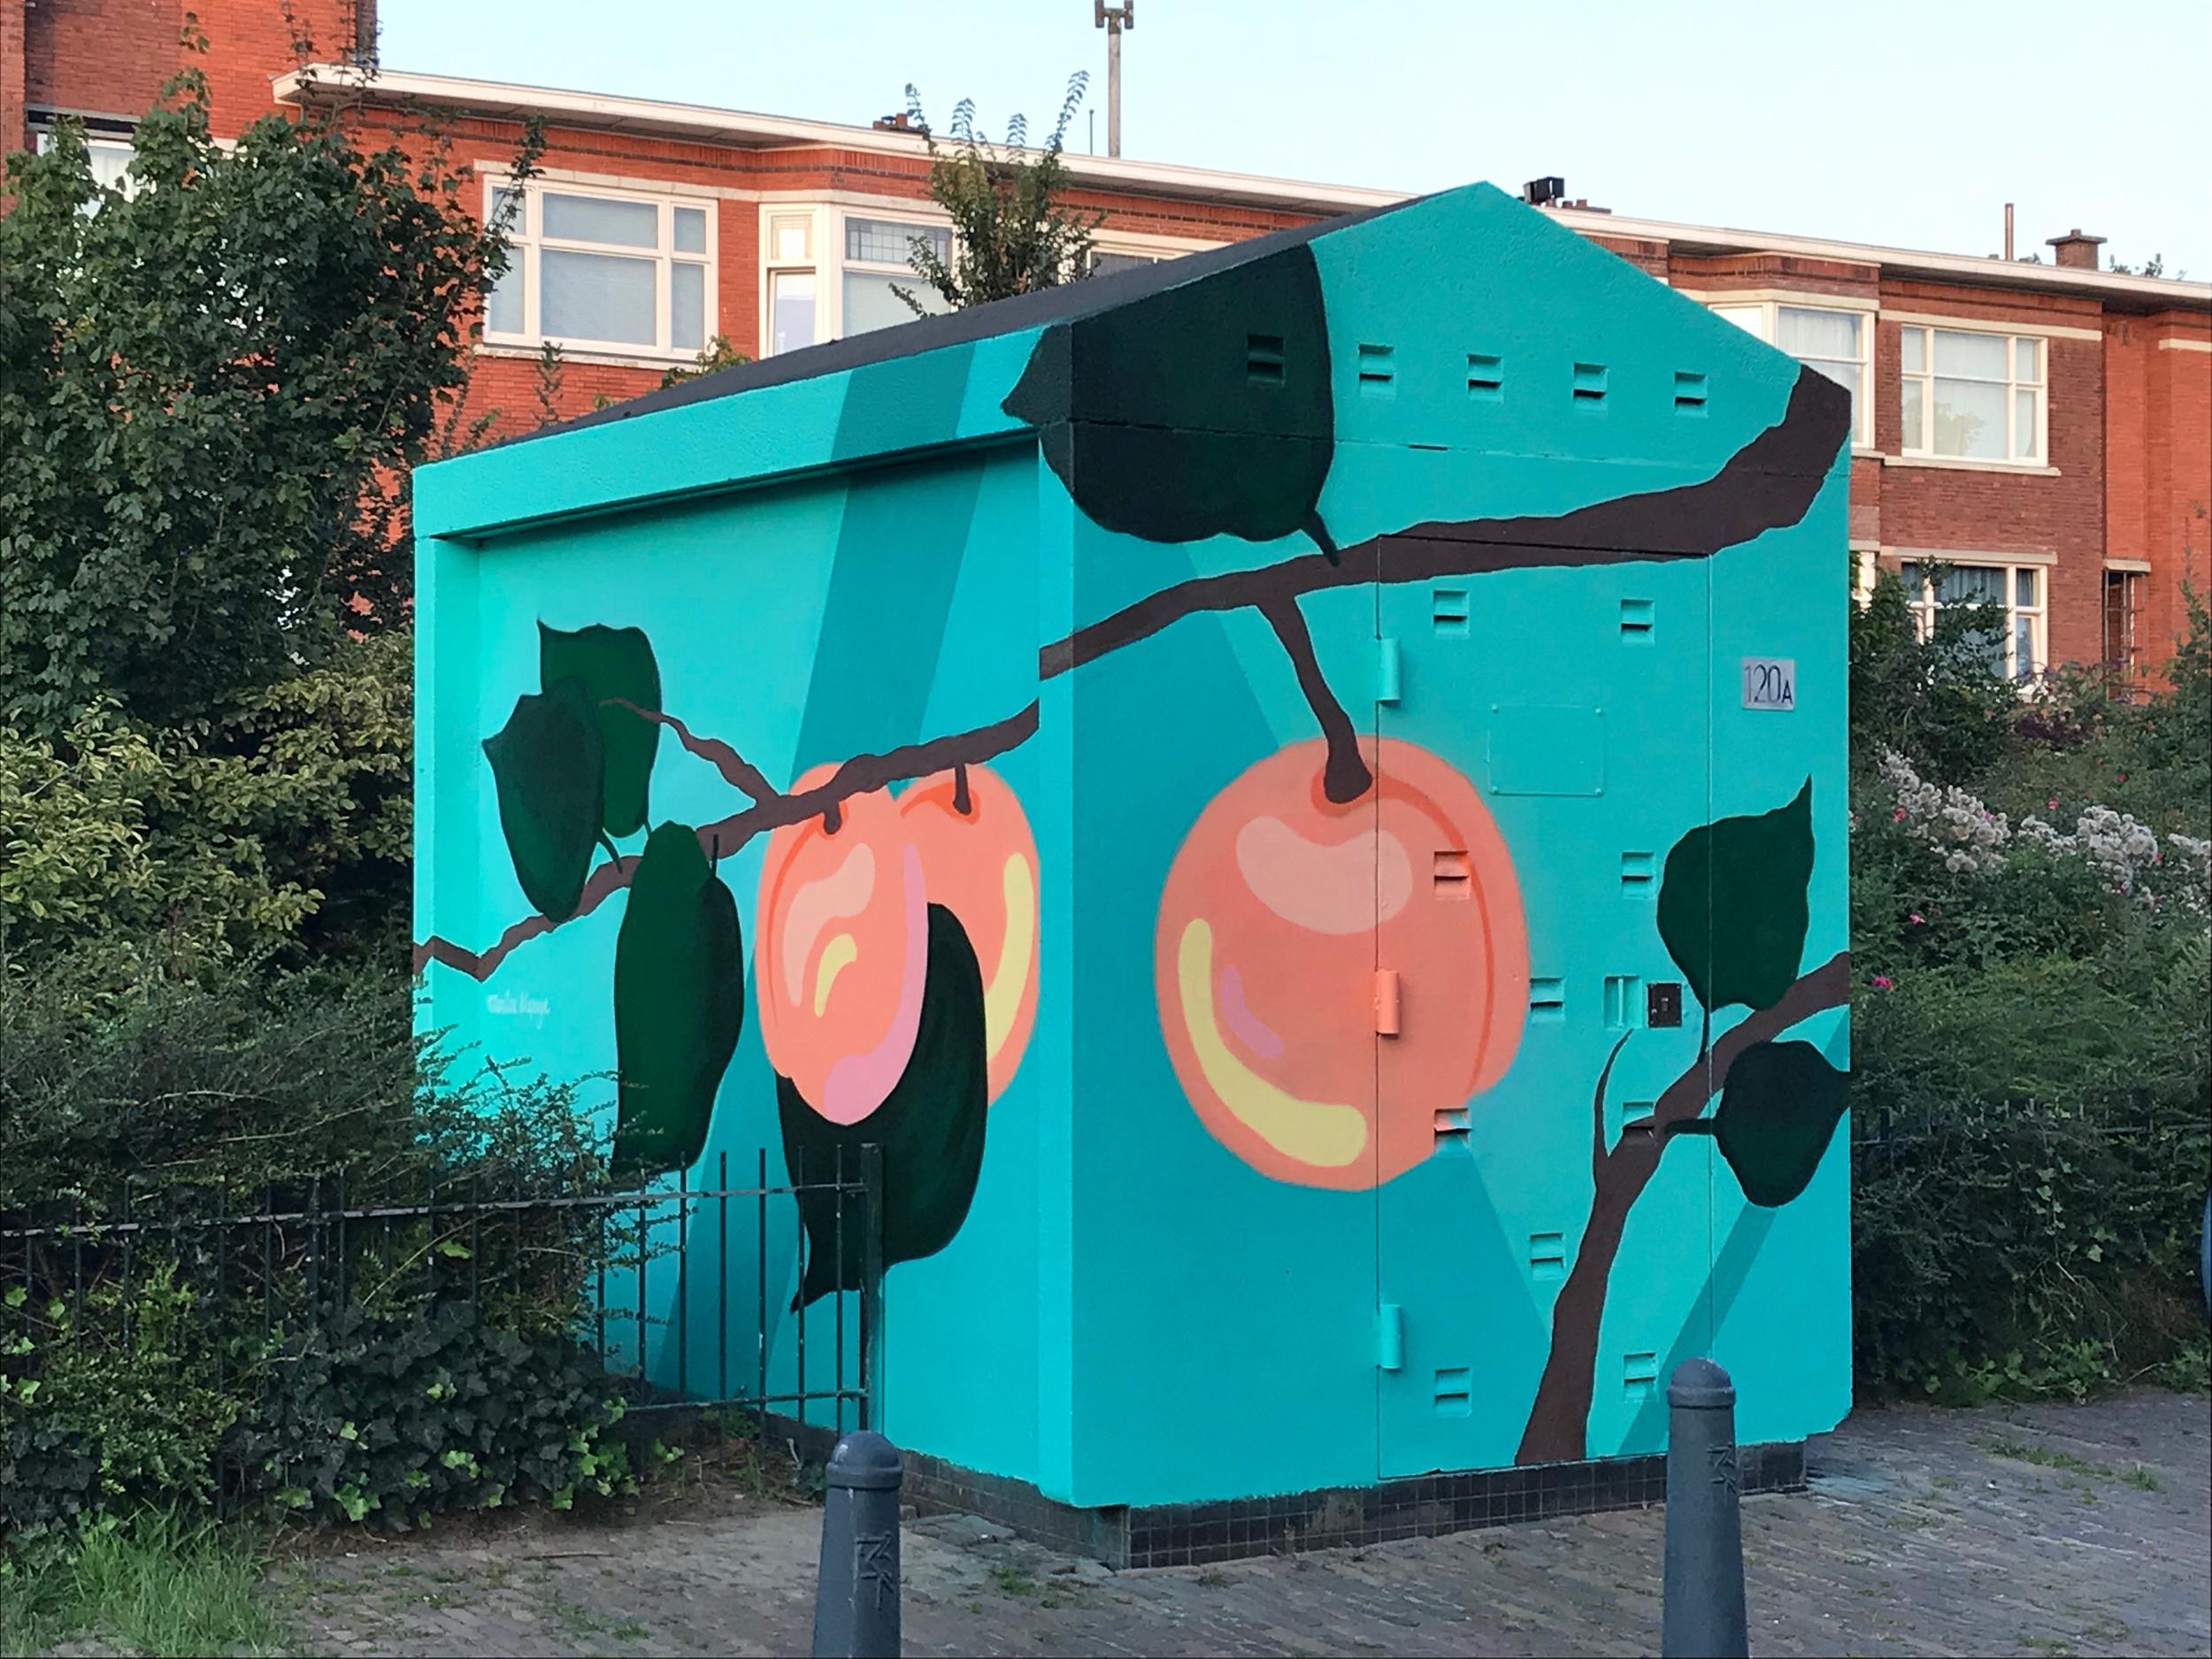 Abrikozenstraat, Den Haag 2019